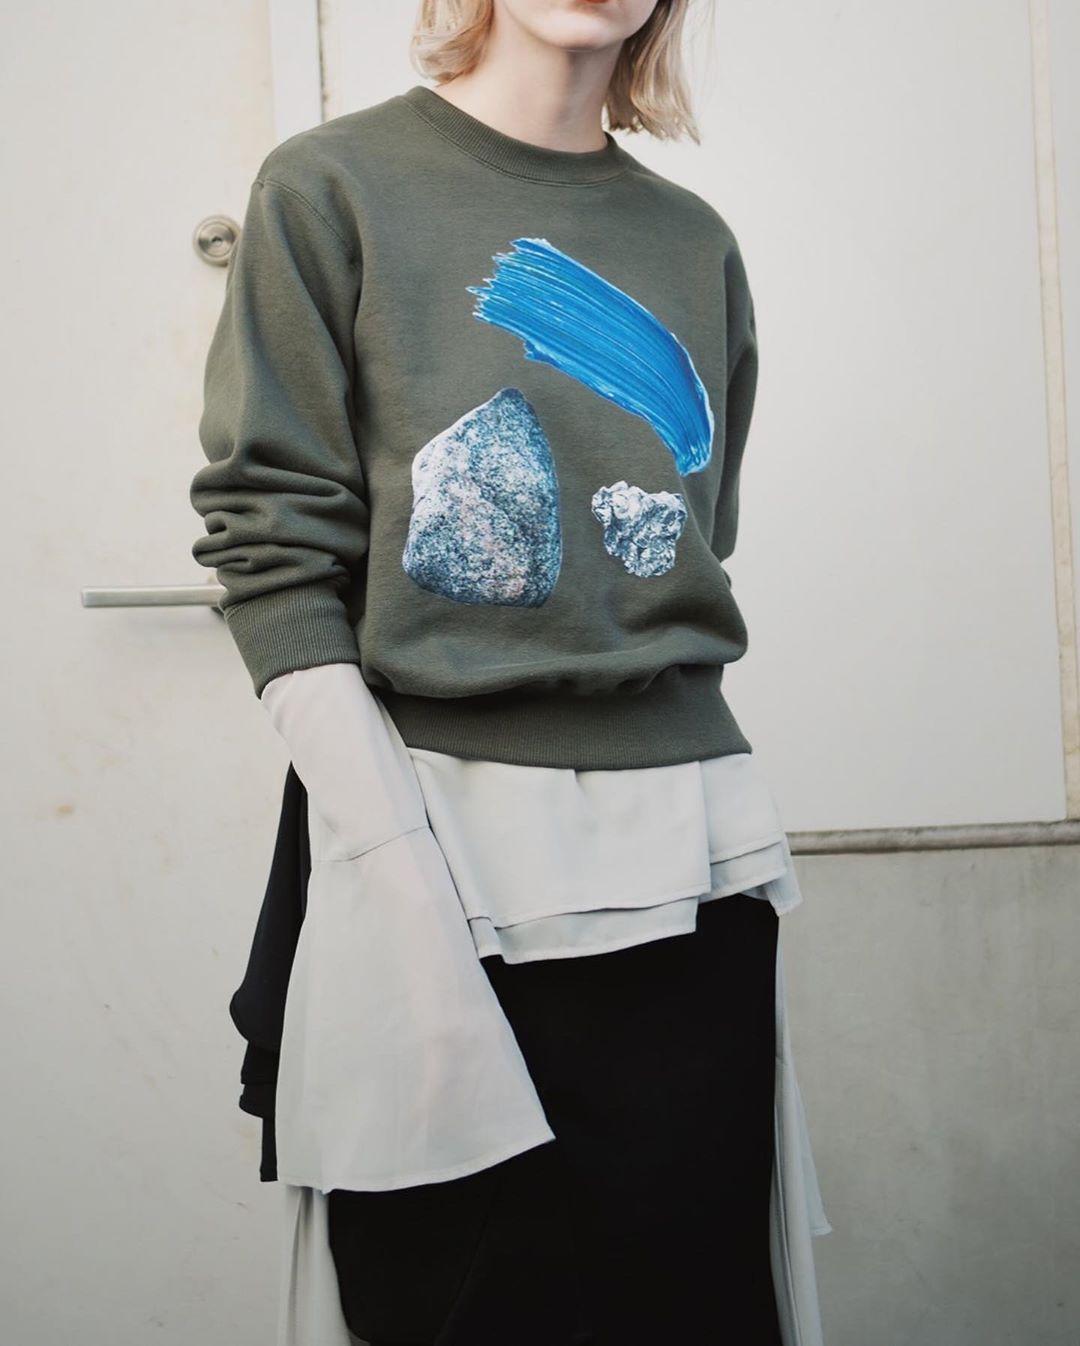 芸能人がA-Studioで着用した衣装カットソー、シャツ、スカート、ジュエリー、シューズ